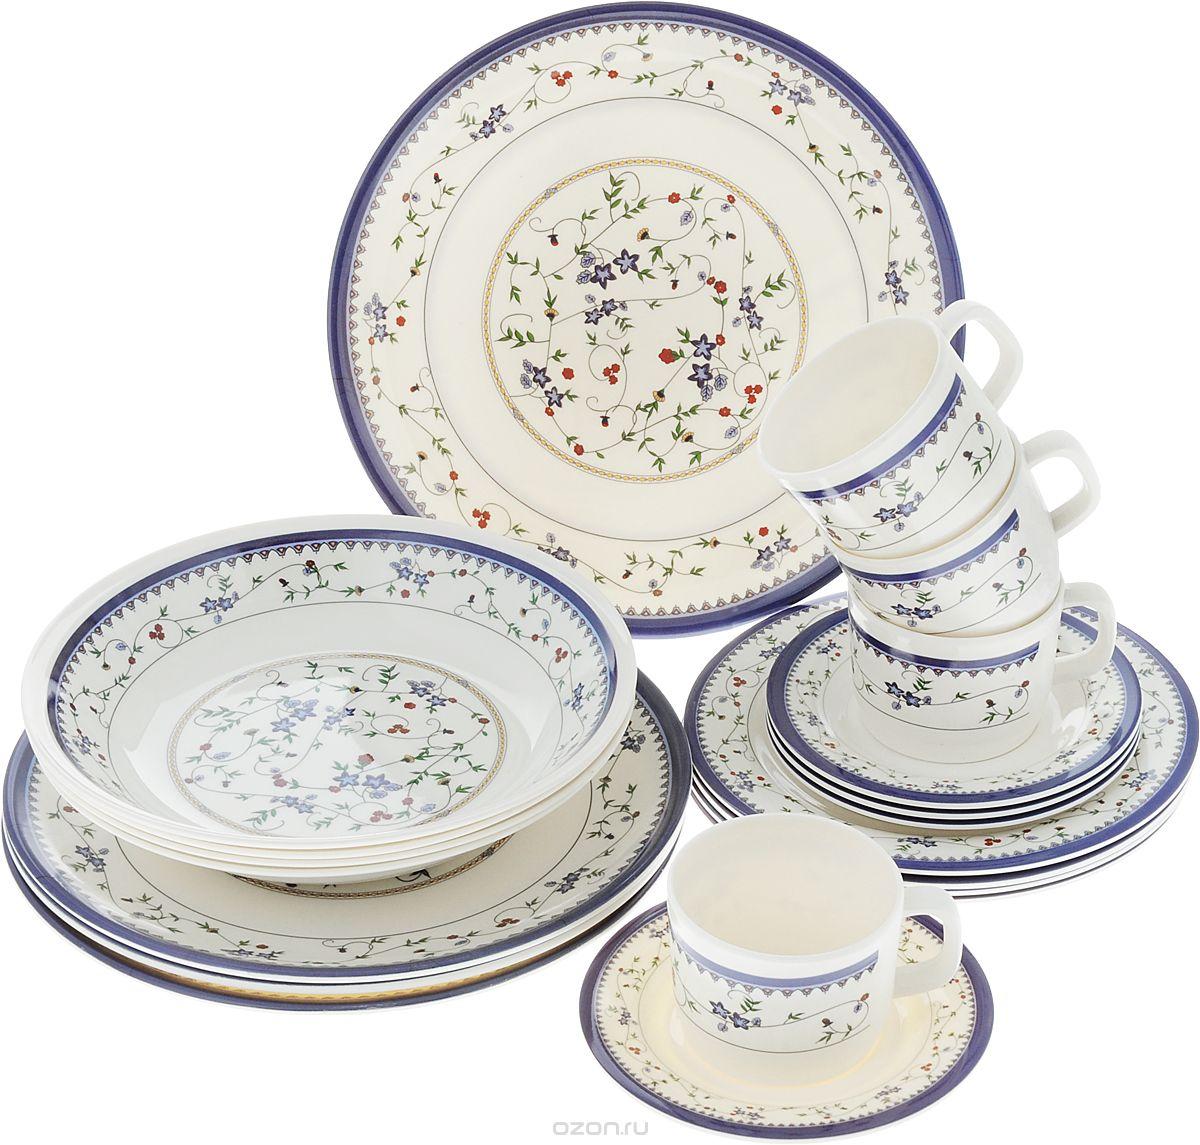 Набор столовой посуды Calve, 20 предметов. CL-2514CL-2514Набор Calve состоит из 4 суповых тарелок, 4 обеденныхтарелок, 4 десертных тарелок, 4 блюдец и 4 чашек. Изделия выполнены извысококачественного пластика, имеют яркий дизайн с изящным орнаментом. Посуда отличается прочностью,гигиеничностью и долгим сроком службы, она устойчива к появлению царапин. Такой набор прекрасно подойдет как для повседневного использования, так идля праздников или особенных случаев. Набор столовой посуды Calve - это не только яркий иполезный подарок для родных и близких, а также великолепное дизайнерскоерешение для вашей кухни или столовой. Диаметр суповой тарелки (по верхнему краю): 23 см. Высота суповой тарелки: 4,5 см.Диаметр обеденной тарелки (по верхнему краю): 26,5 см. Высота обеденной тарелки: 1,7 см. Диаметр десертной тарелки (по верхнему краю): 20 см. Высота десертной тарелки: 1,2 см. Диаметр блюдца (по верхнему краю): 14,6 см. Высота блюдца: 1,5 см.Объем чашки: 237 мл.Диаметр чашки (по верхнему краю): 8 см.Высота чашки: 6,5 см.